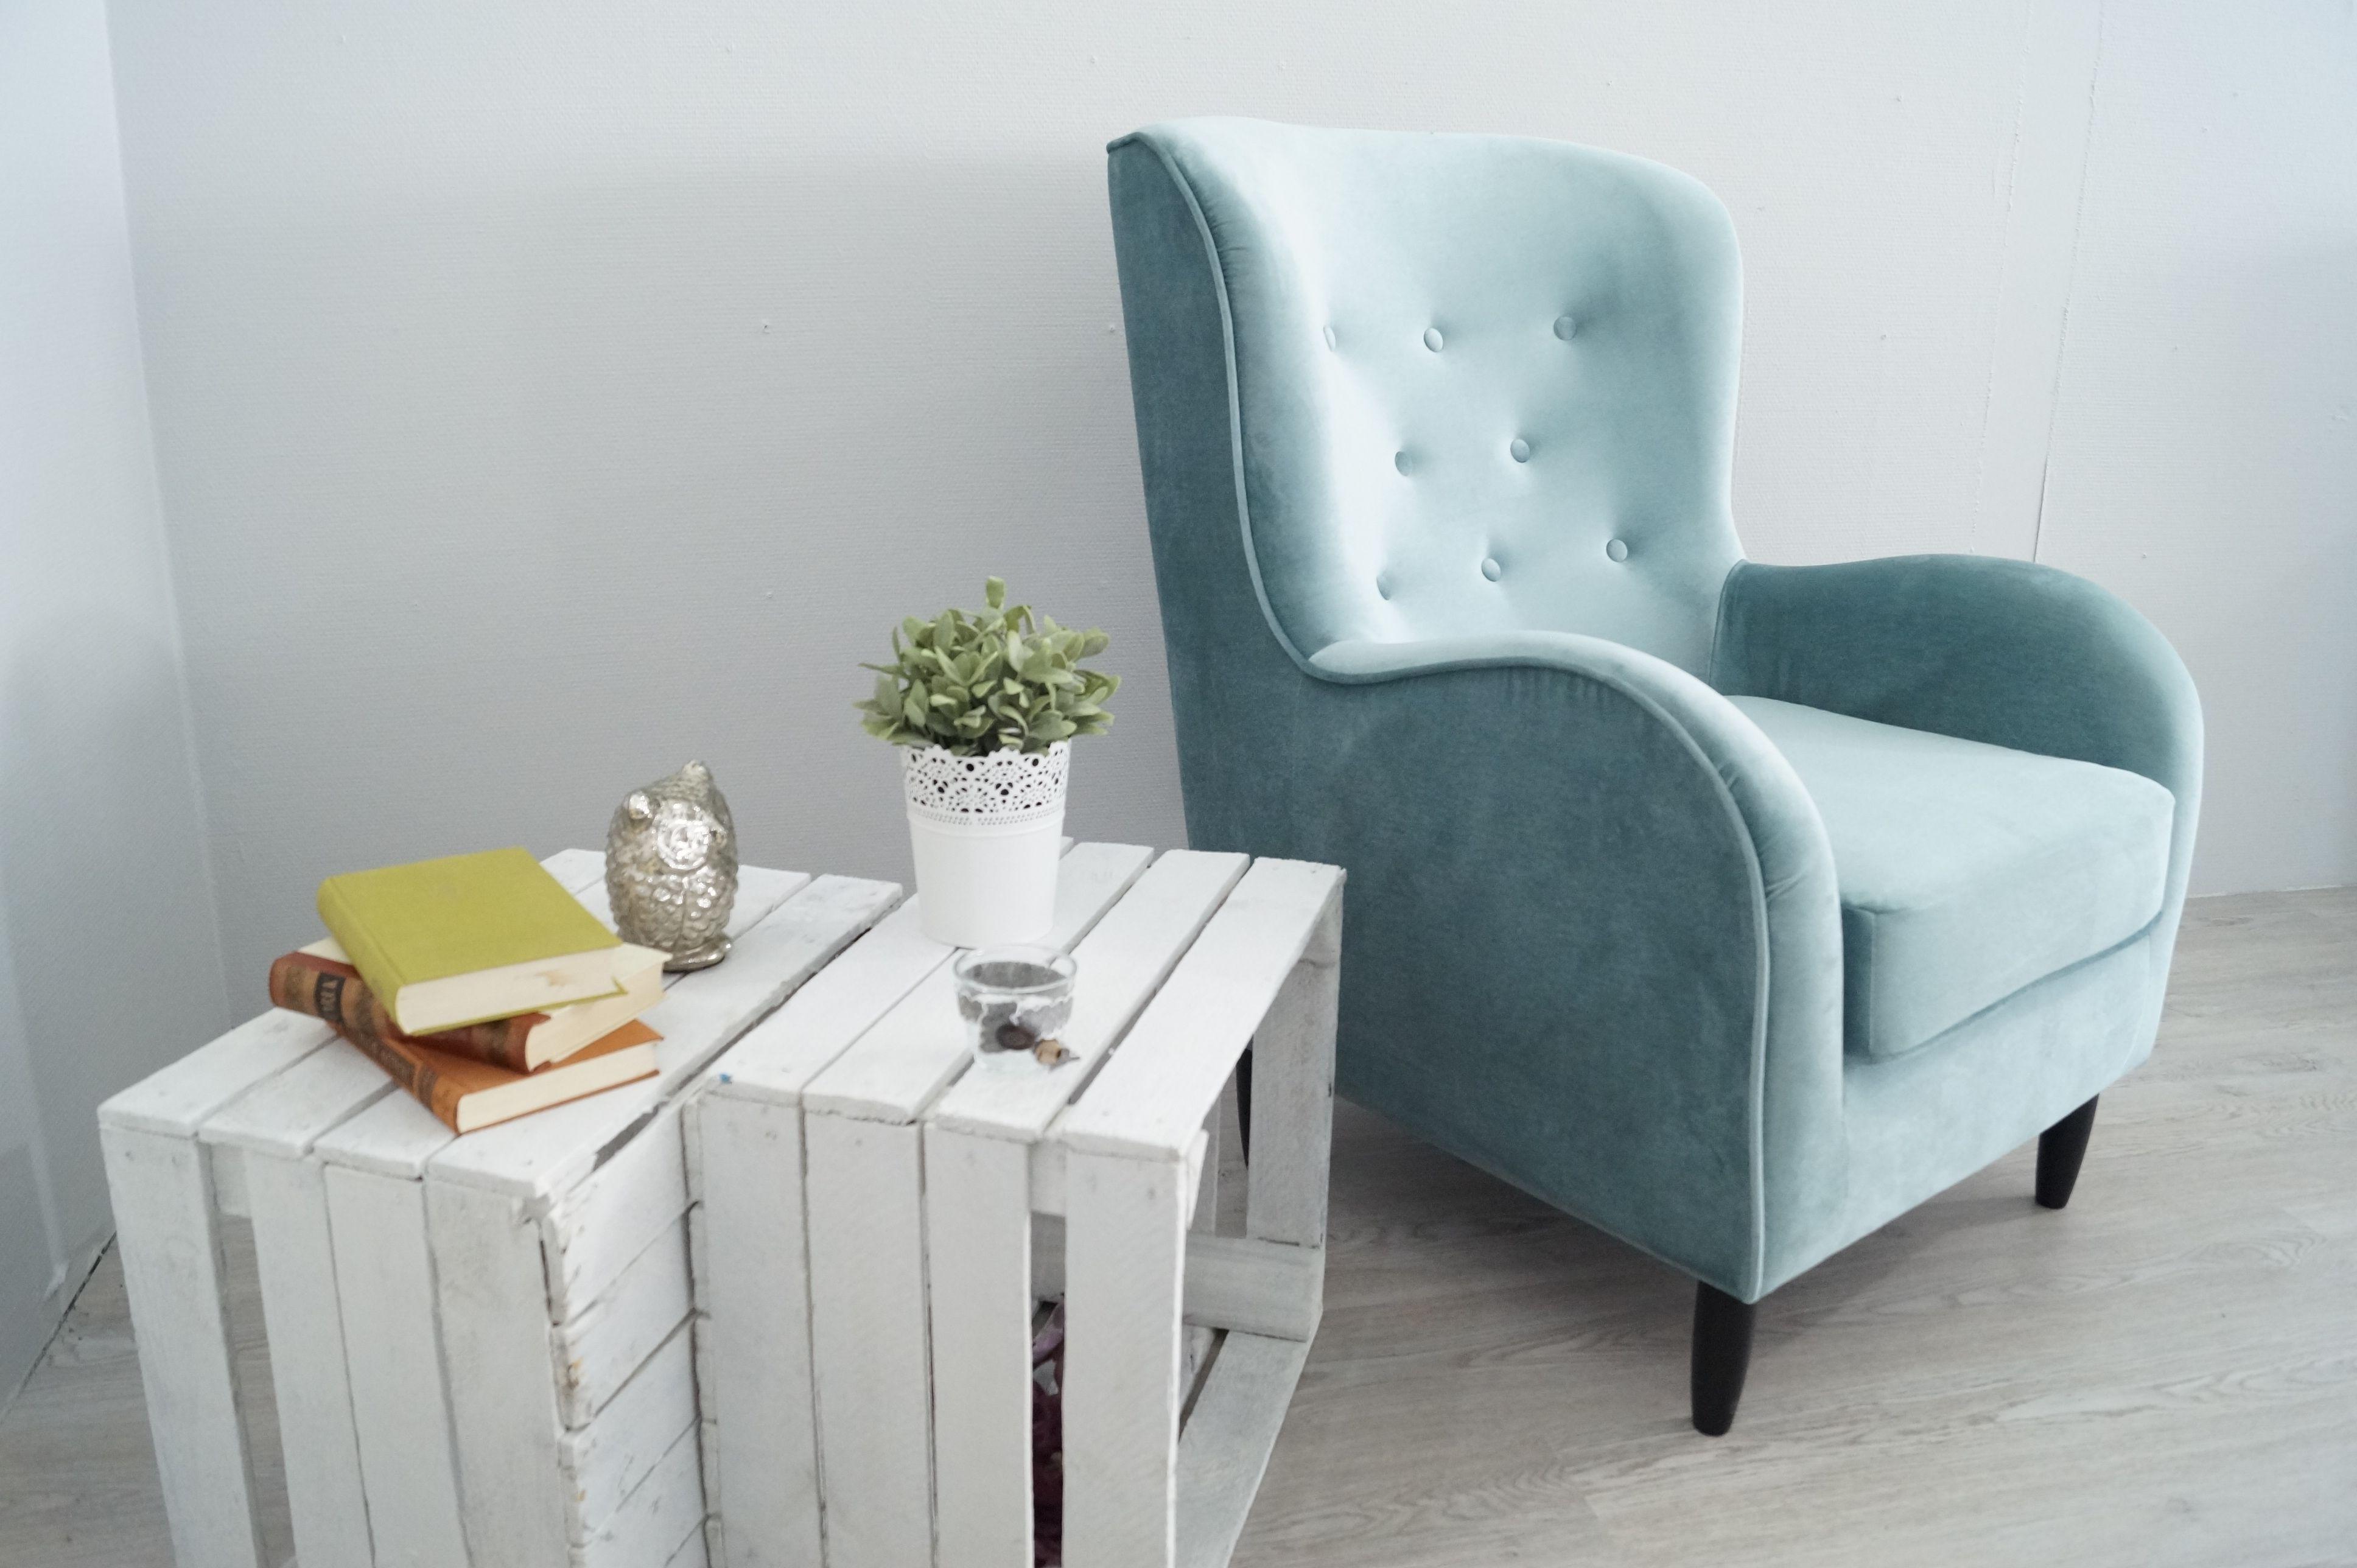 Polstermöbel leder fabrikverkauf  17 Best ideas about Möbel Lagerverkauf on Pinterest | Couch ...